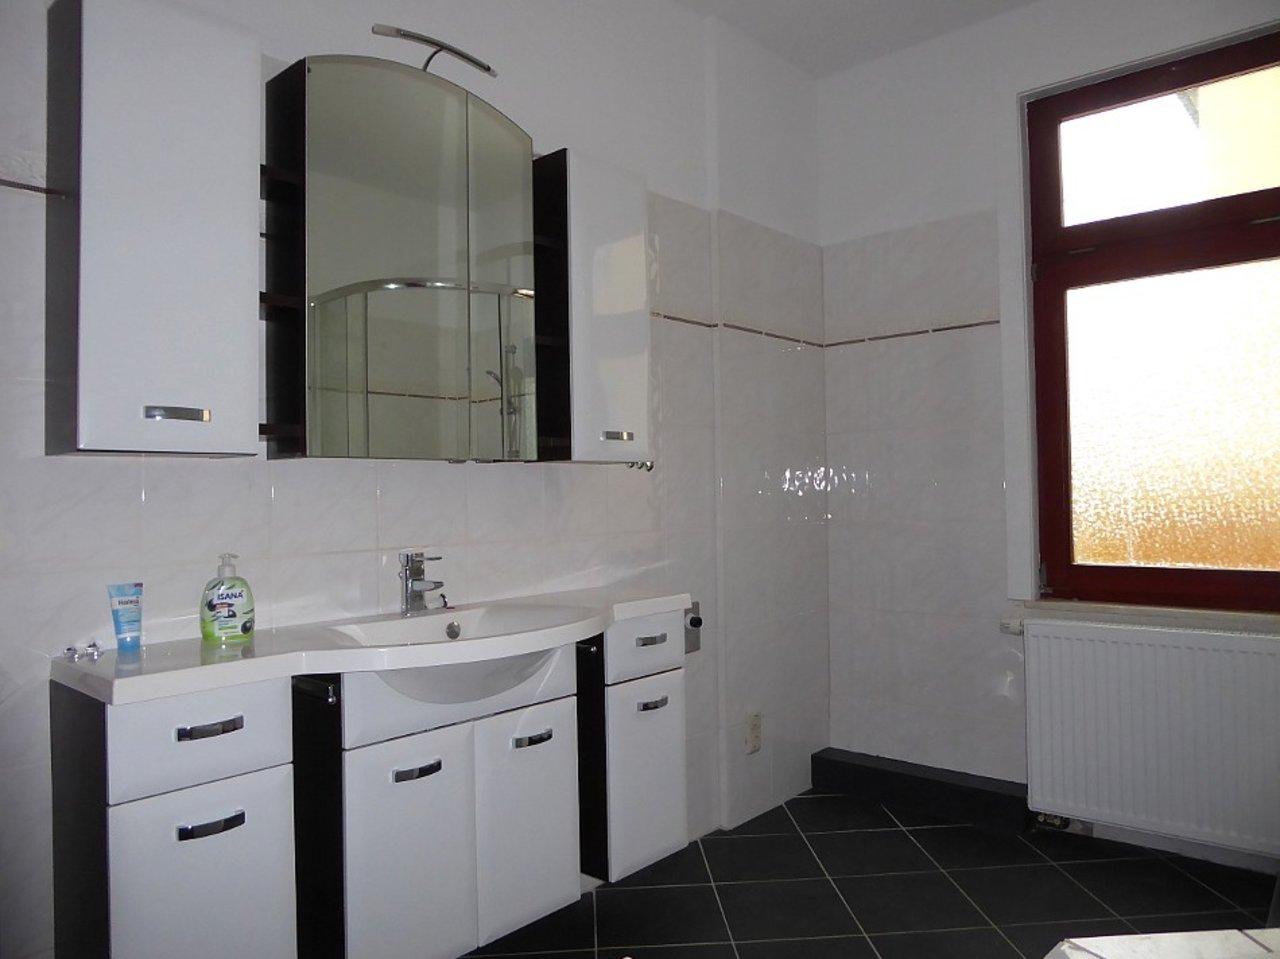 Großzügige 3-Zimmerwohnung mit Kamin und Einbauküche-Bad